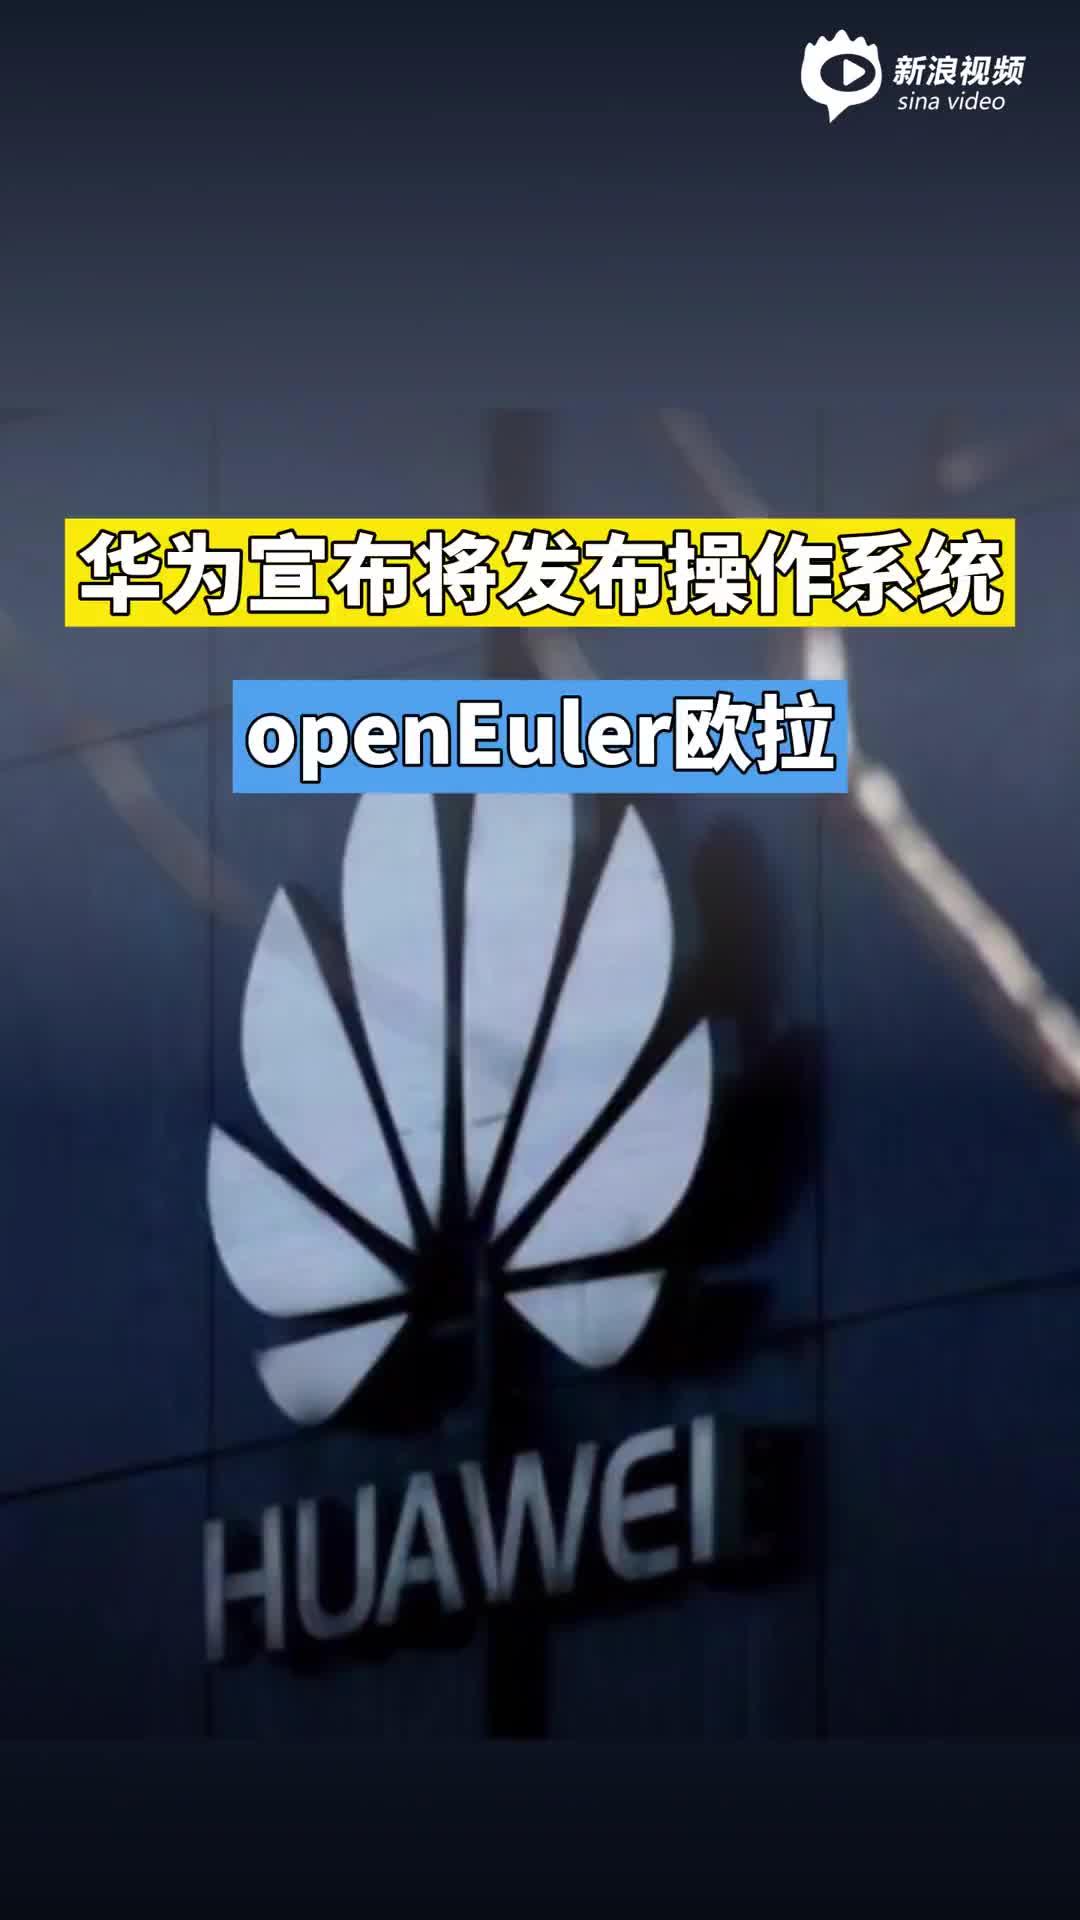 华为宣布:将发布操作系统openEuler欧拉